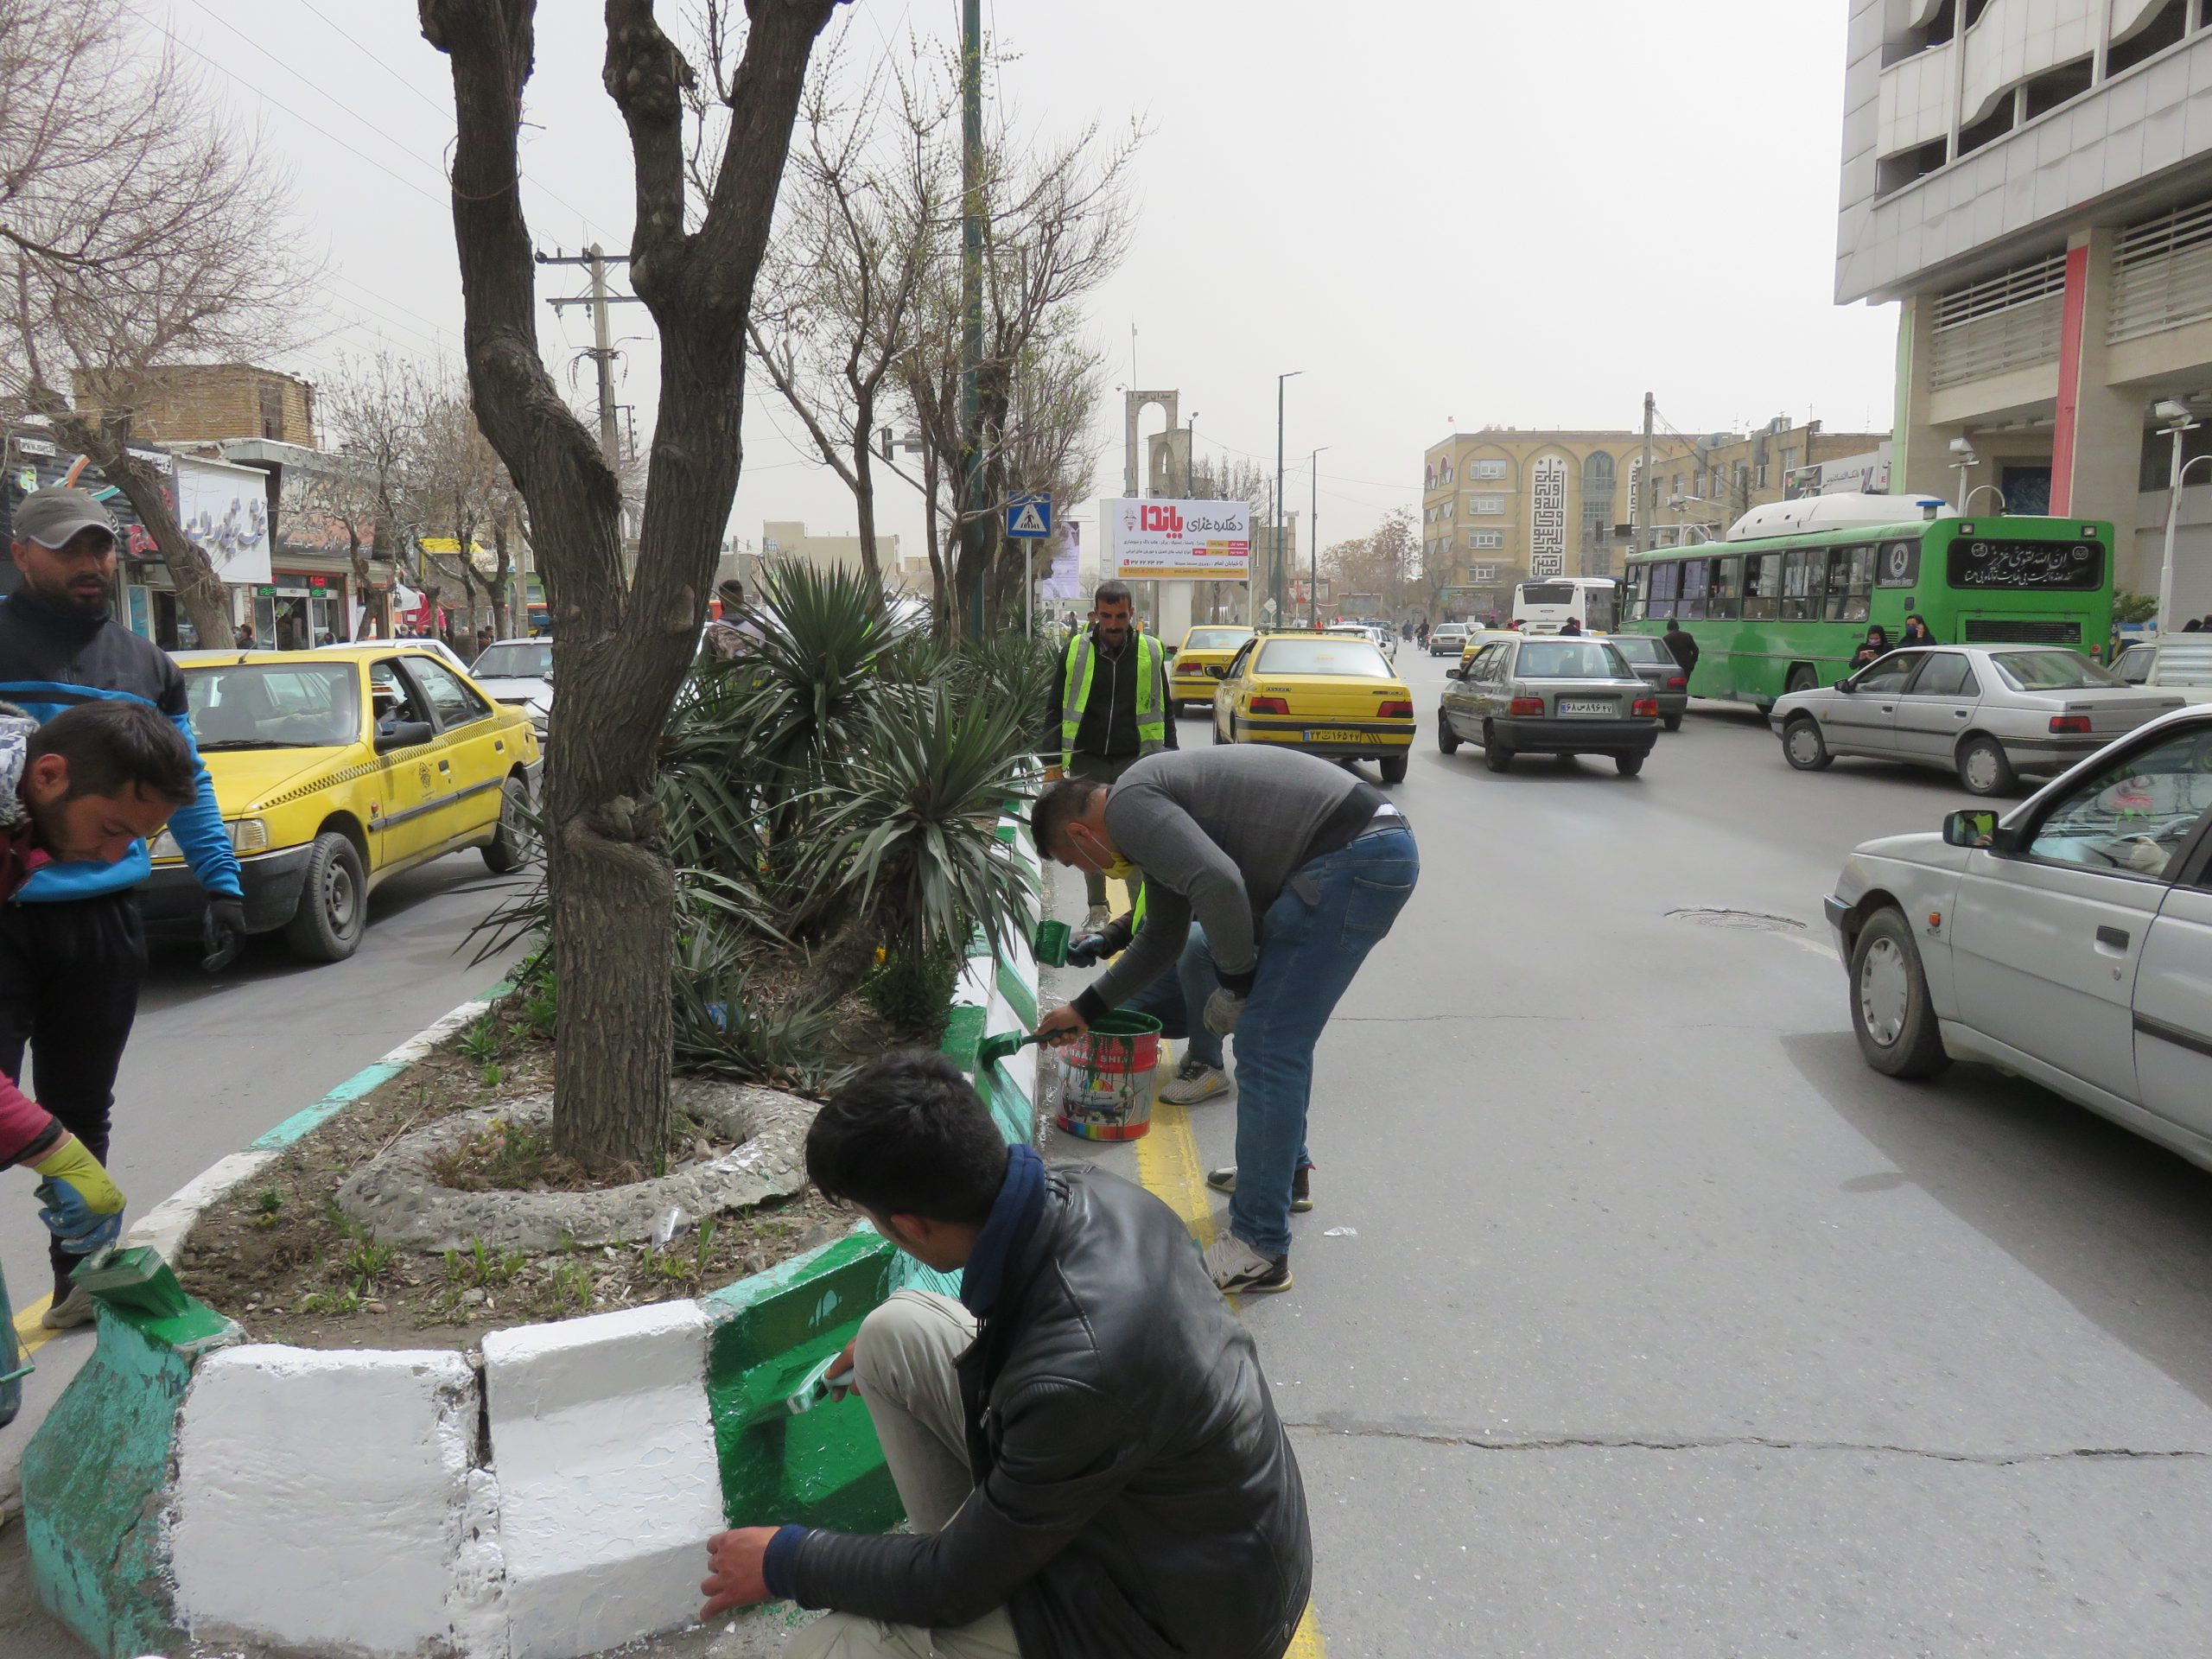 رنگ آمیزی جداول سطح شهر اراک توسط انجمن حمایت زندانیان اراک